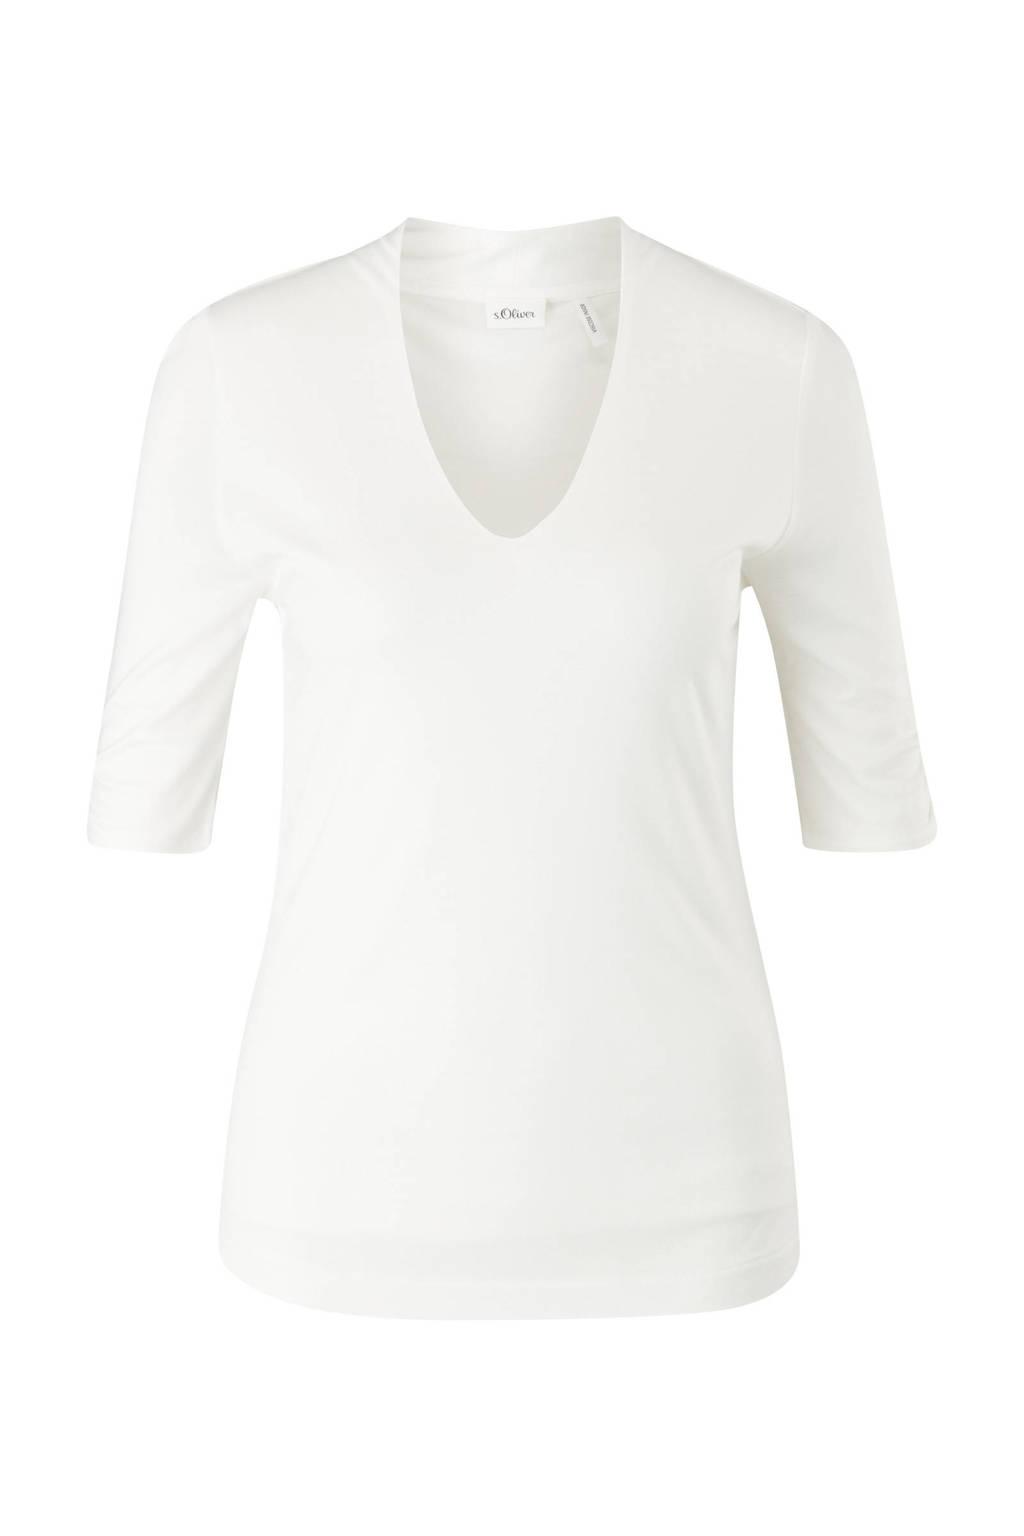 s.Oliver BLACK LABEL slim fit T-shirt wit, Wit